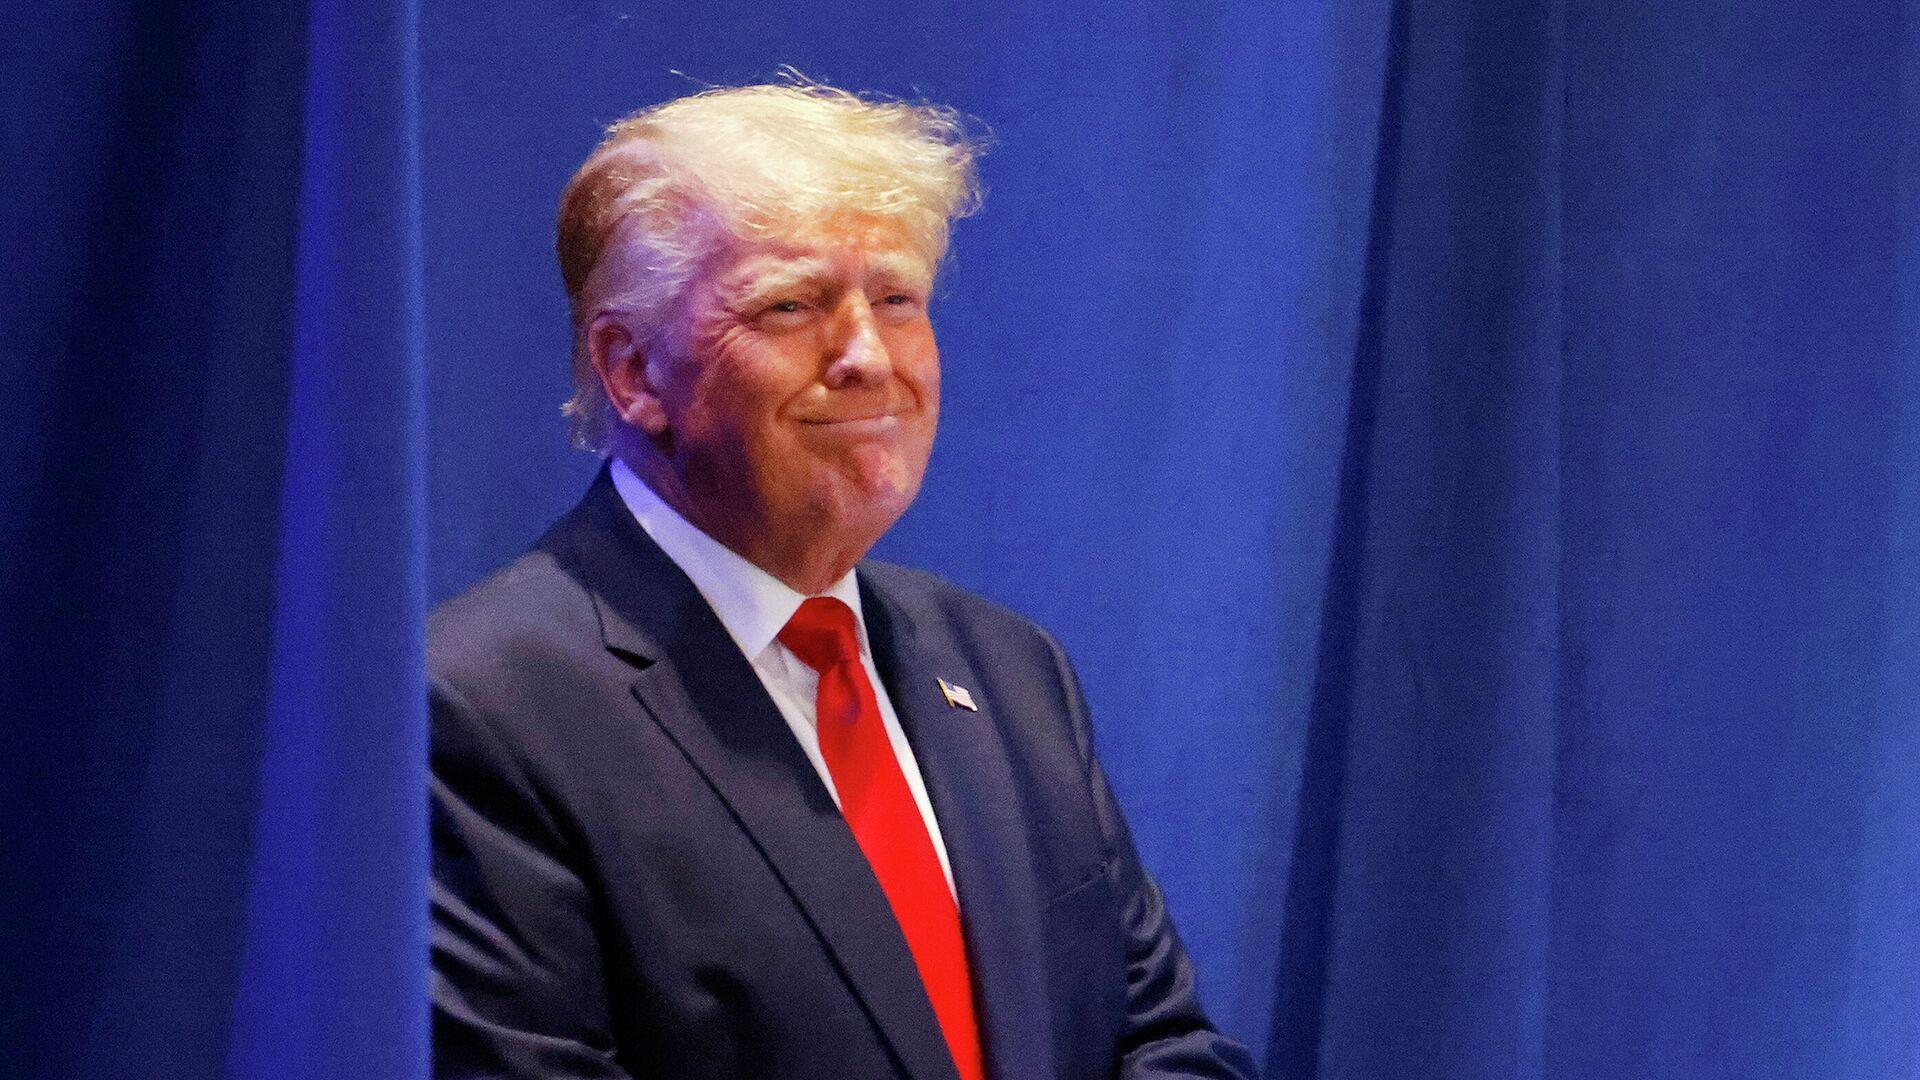 Дональд Трамп выступает на съезде республиканцев Северной Каролины - РИА Новости, 1920, 17.06.2021